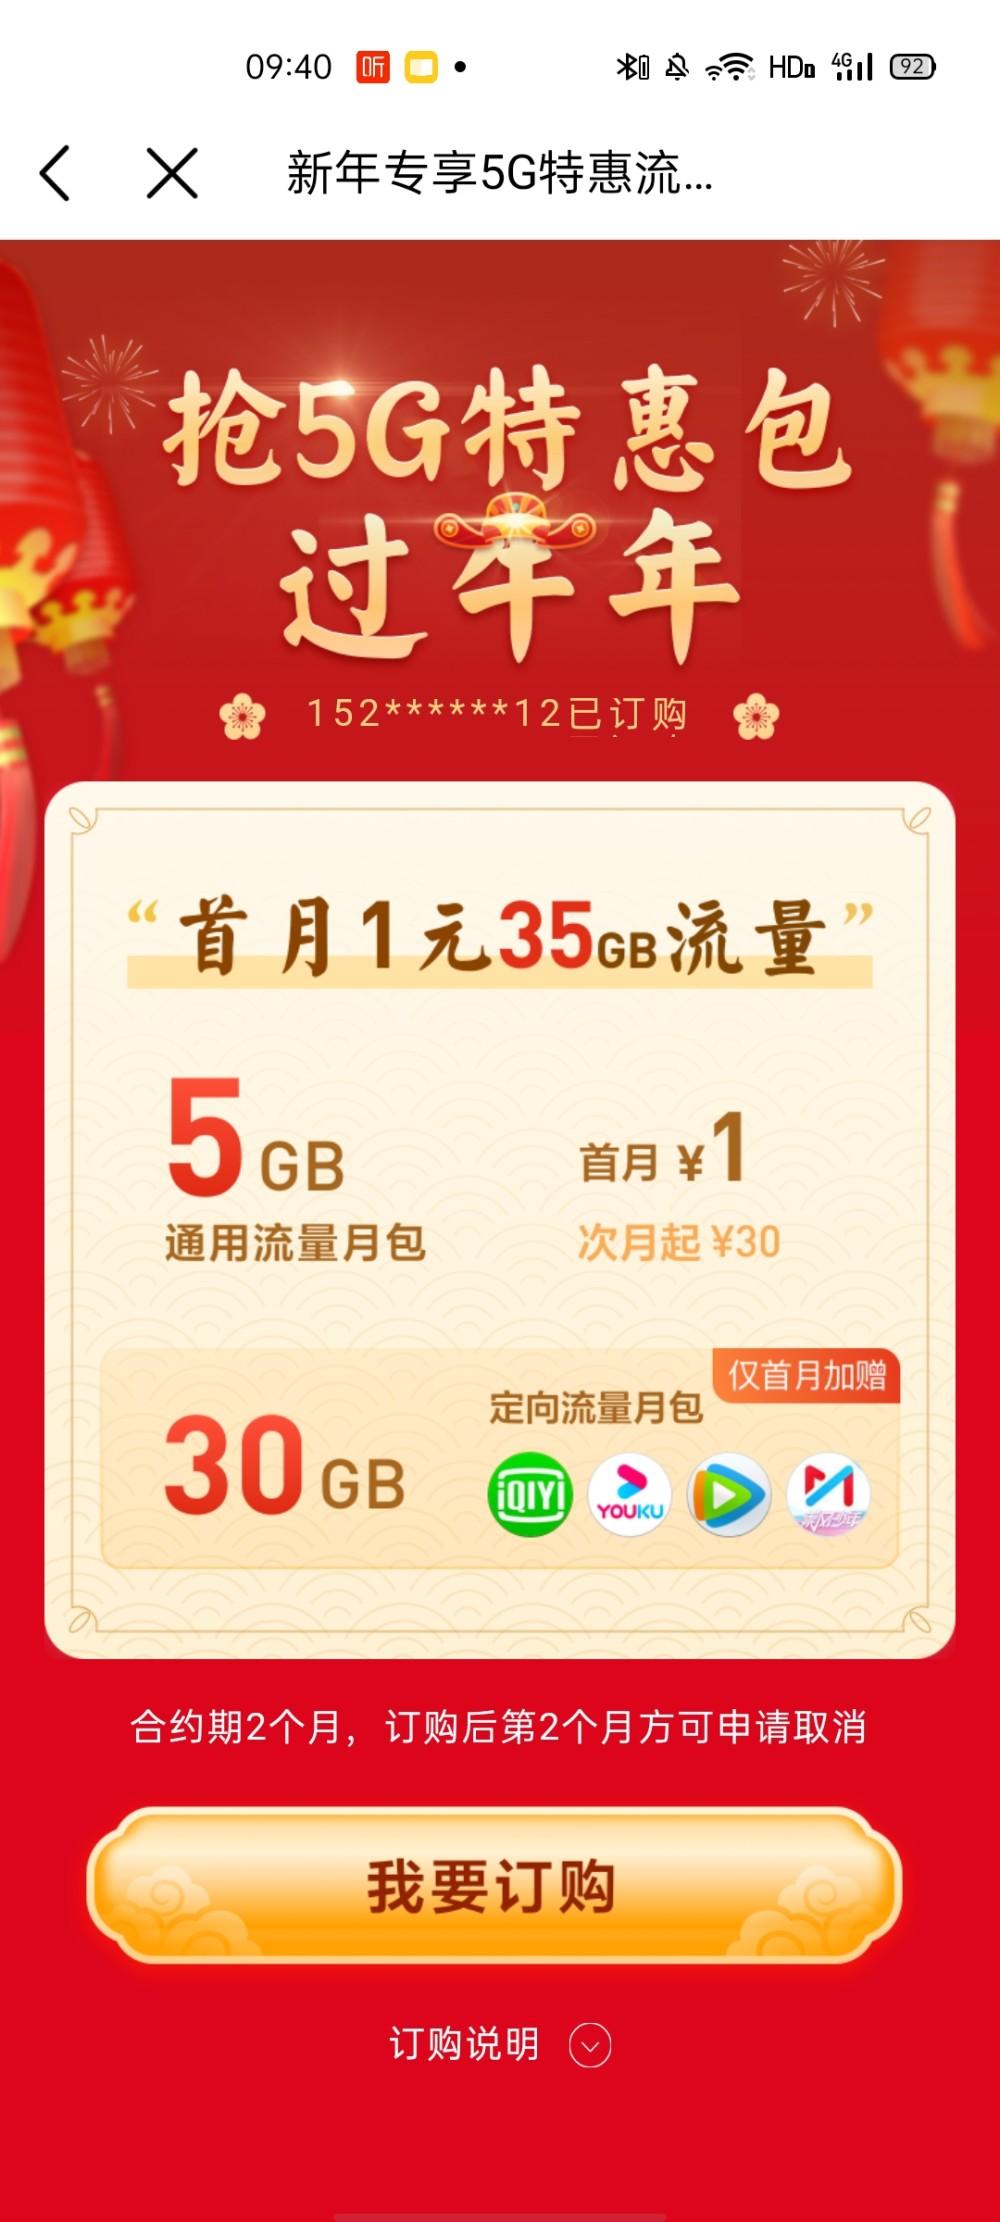 图片[2]-移动用户首月1元开通35GB包月流量包-飞享资源网